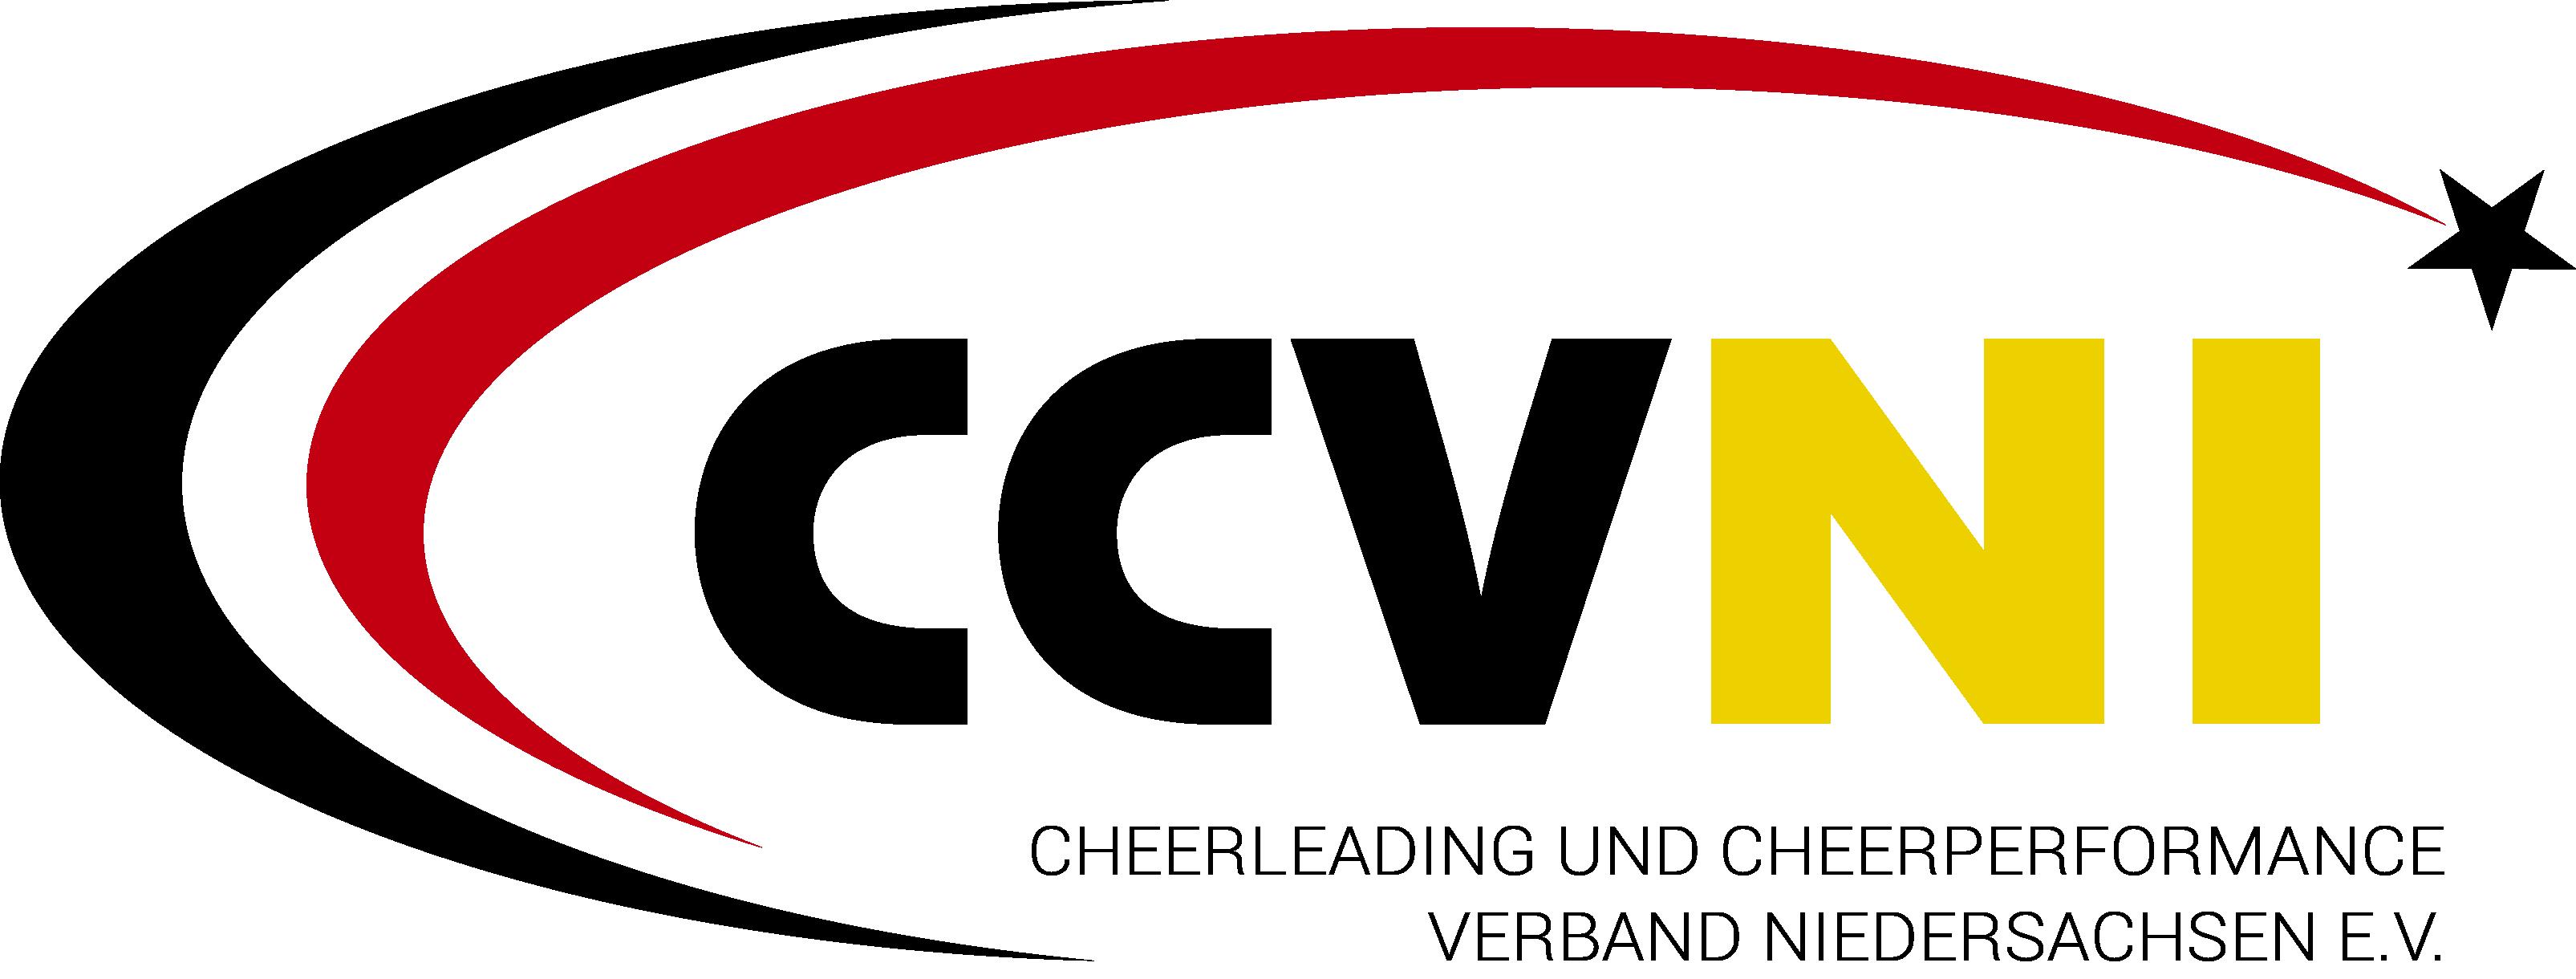 Cheerleading und Cheerdance Verband Niedersachsen e. V.